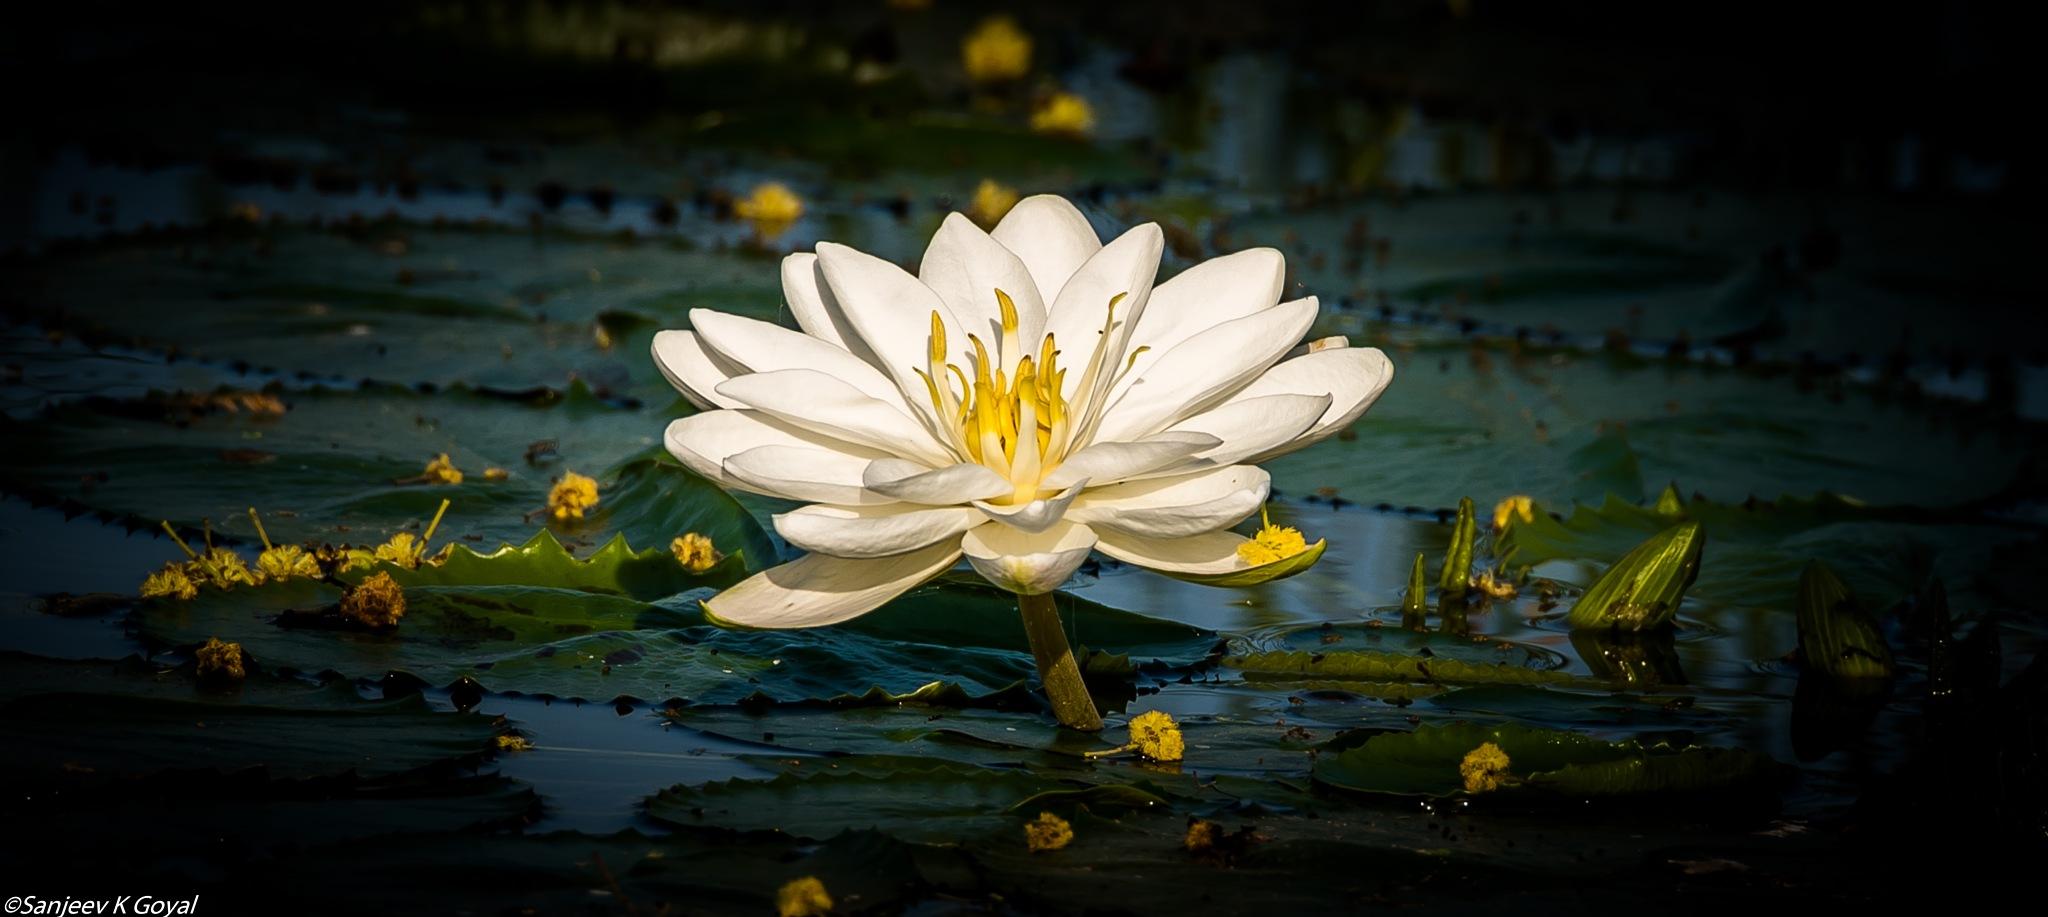 Water lily by sanjeev.k.goyal.10